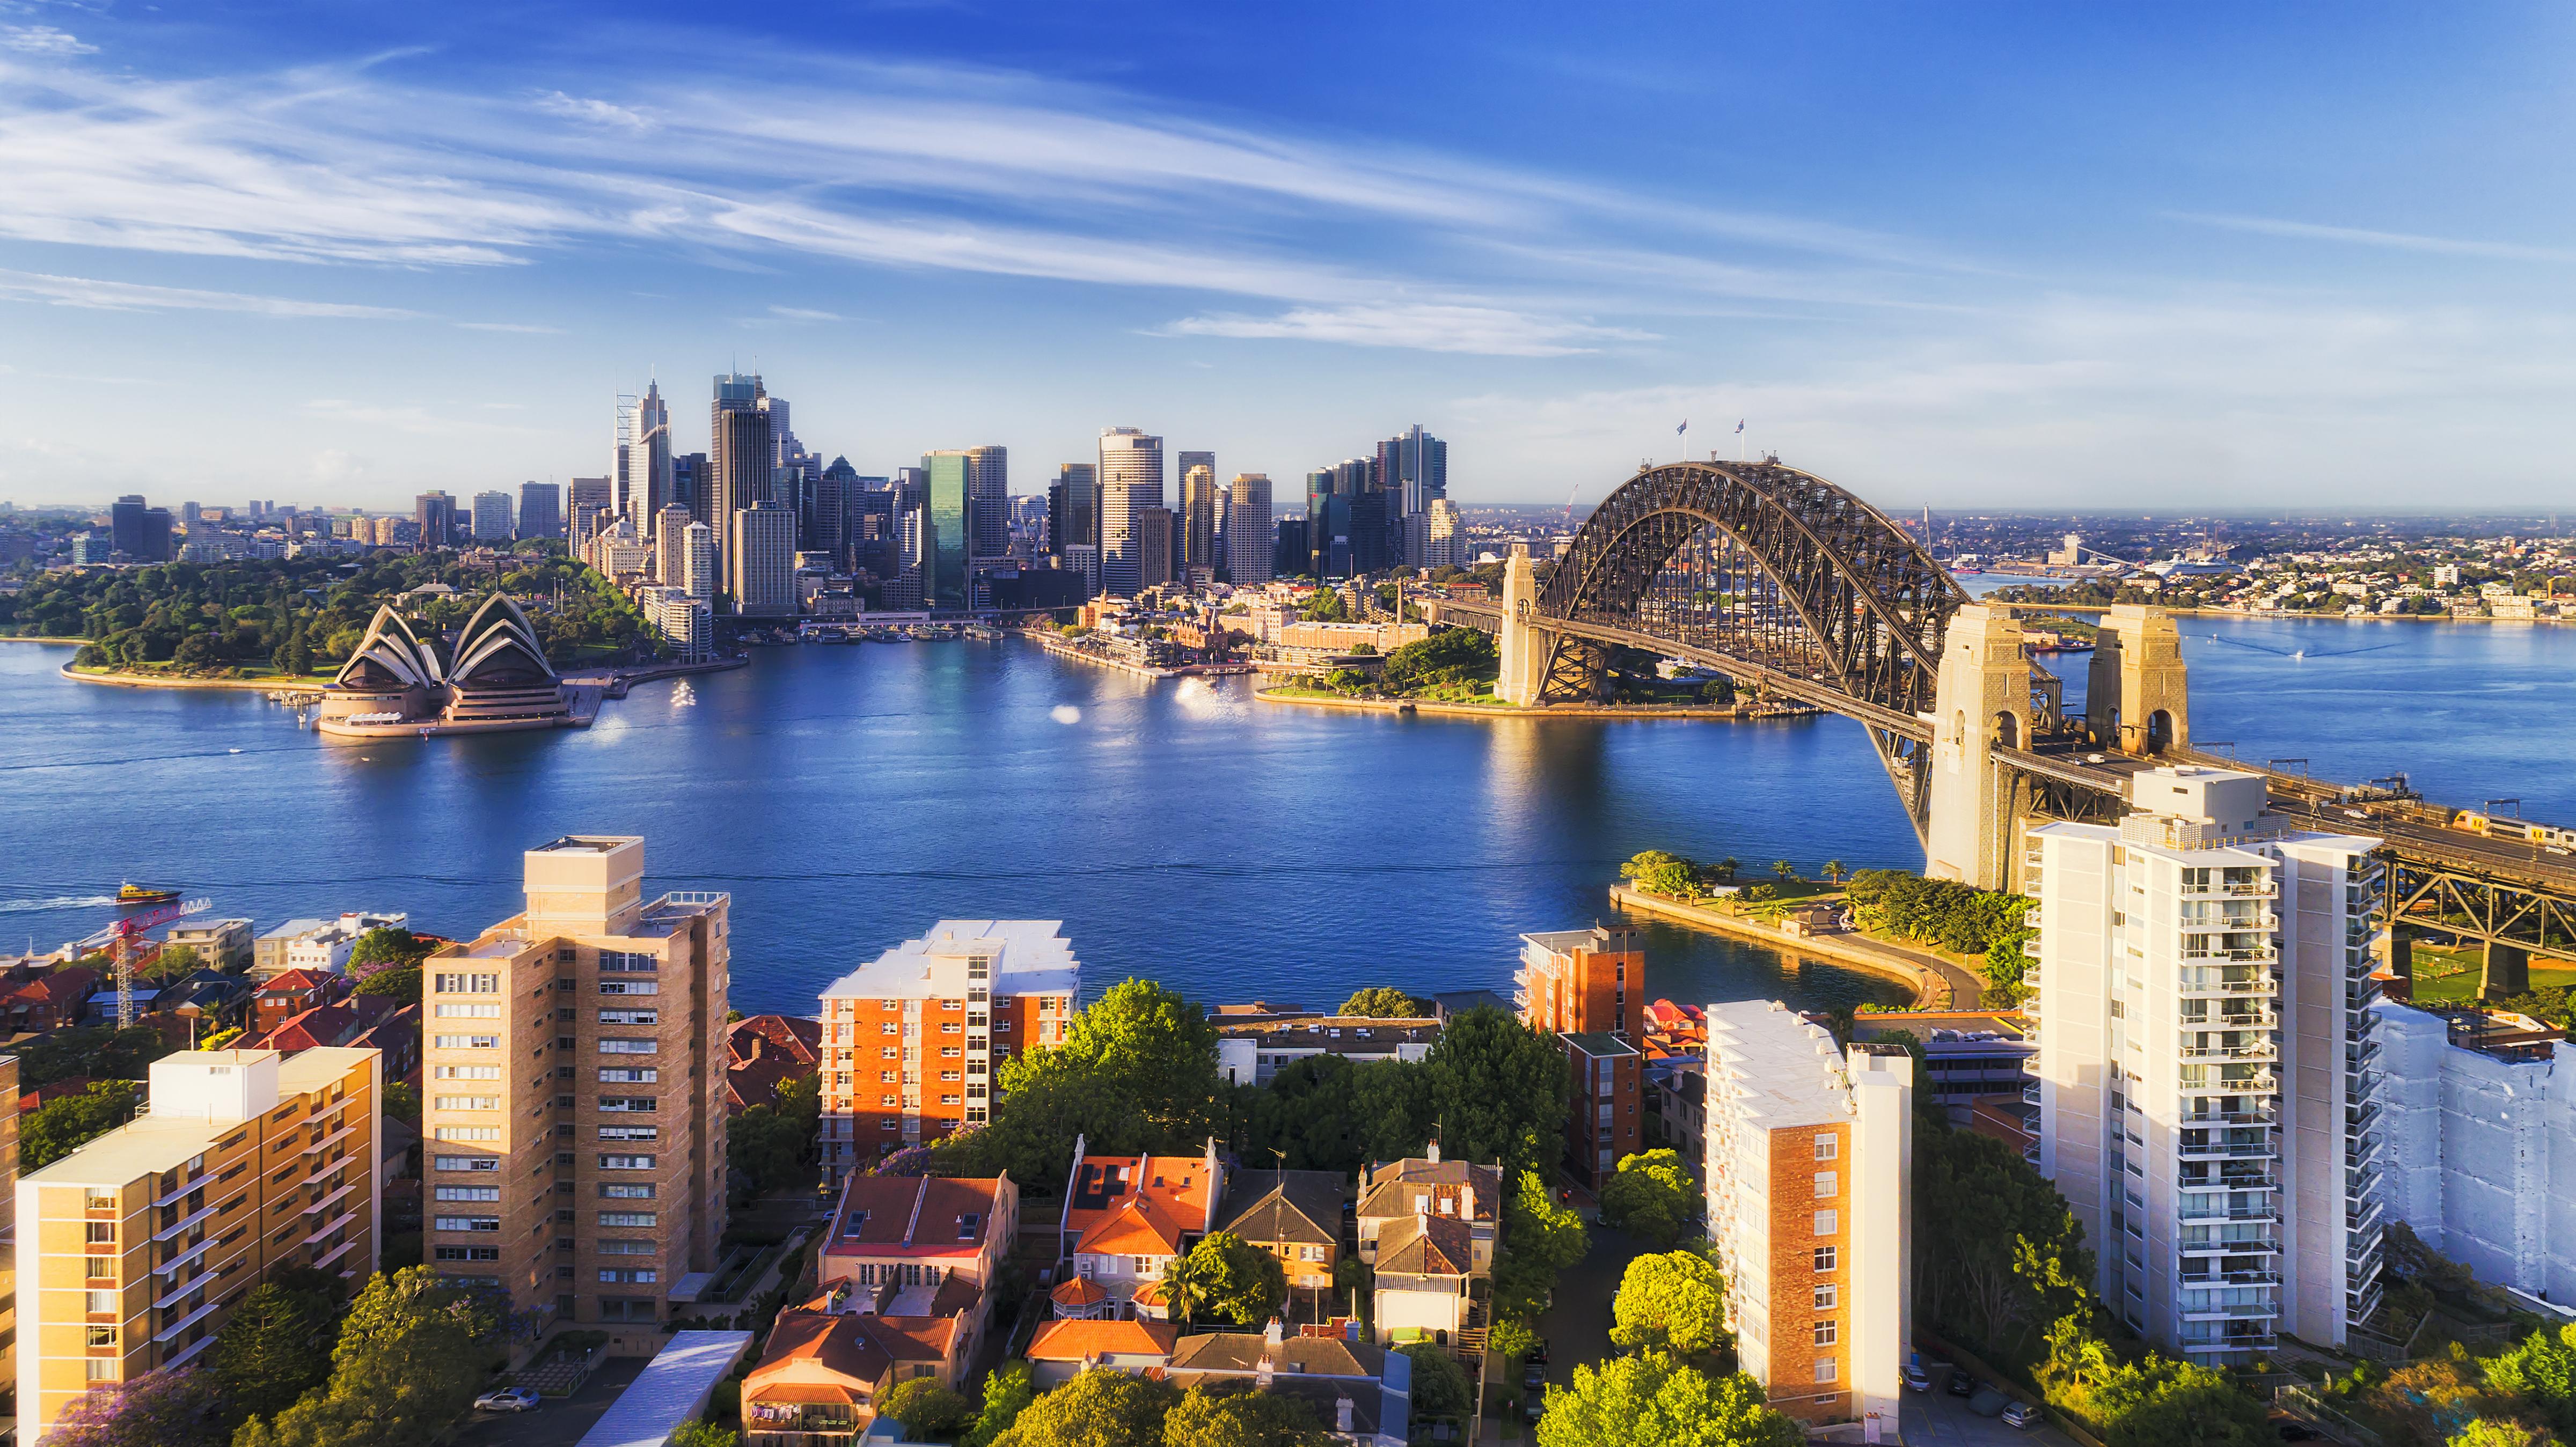 Tỉnh bang New South Wales chuẩn bị đóng cửa, ngừng nhận hồ sơ đầu tư định cư Úc diện 188